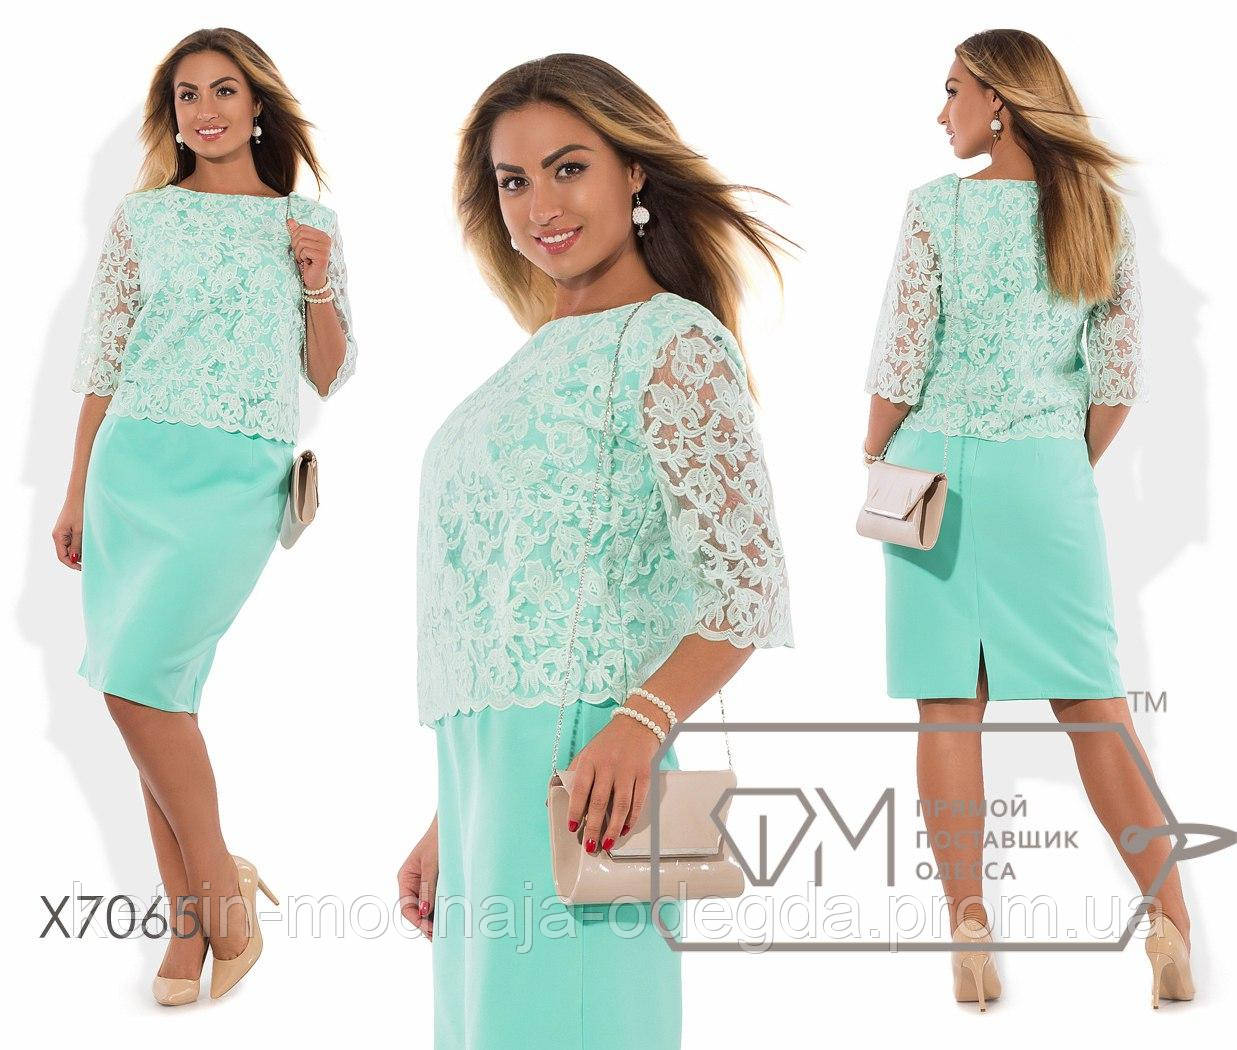 4c224e915e3 Элегантный нарядный женский костюм с юбкой большого размера